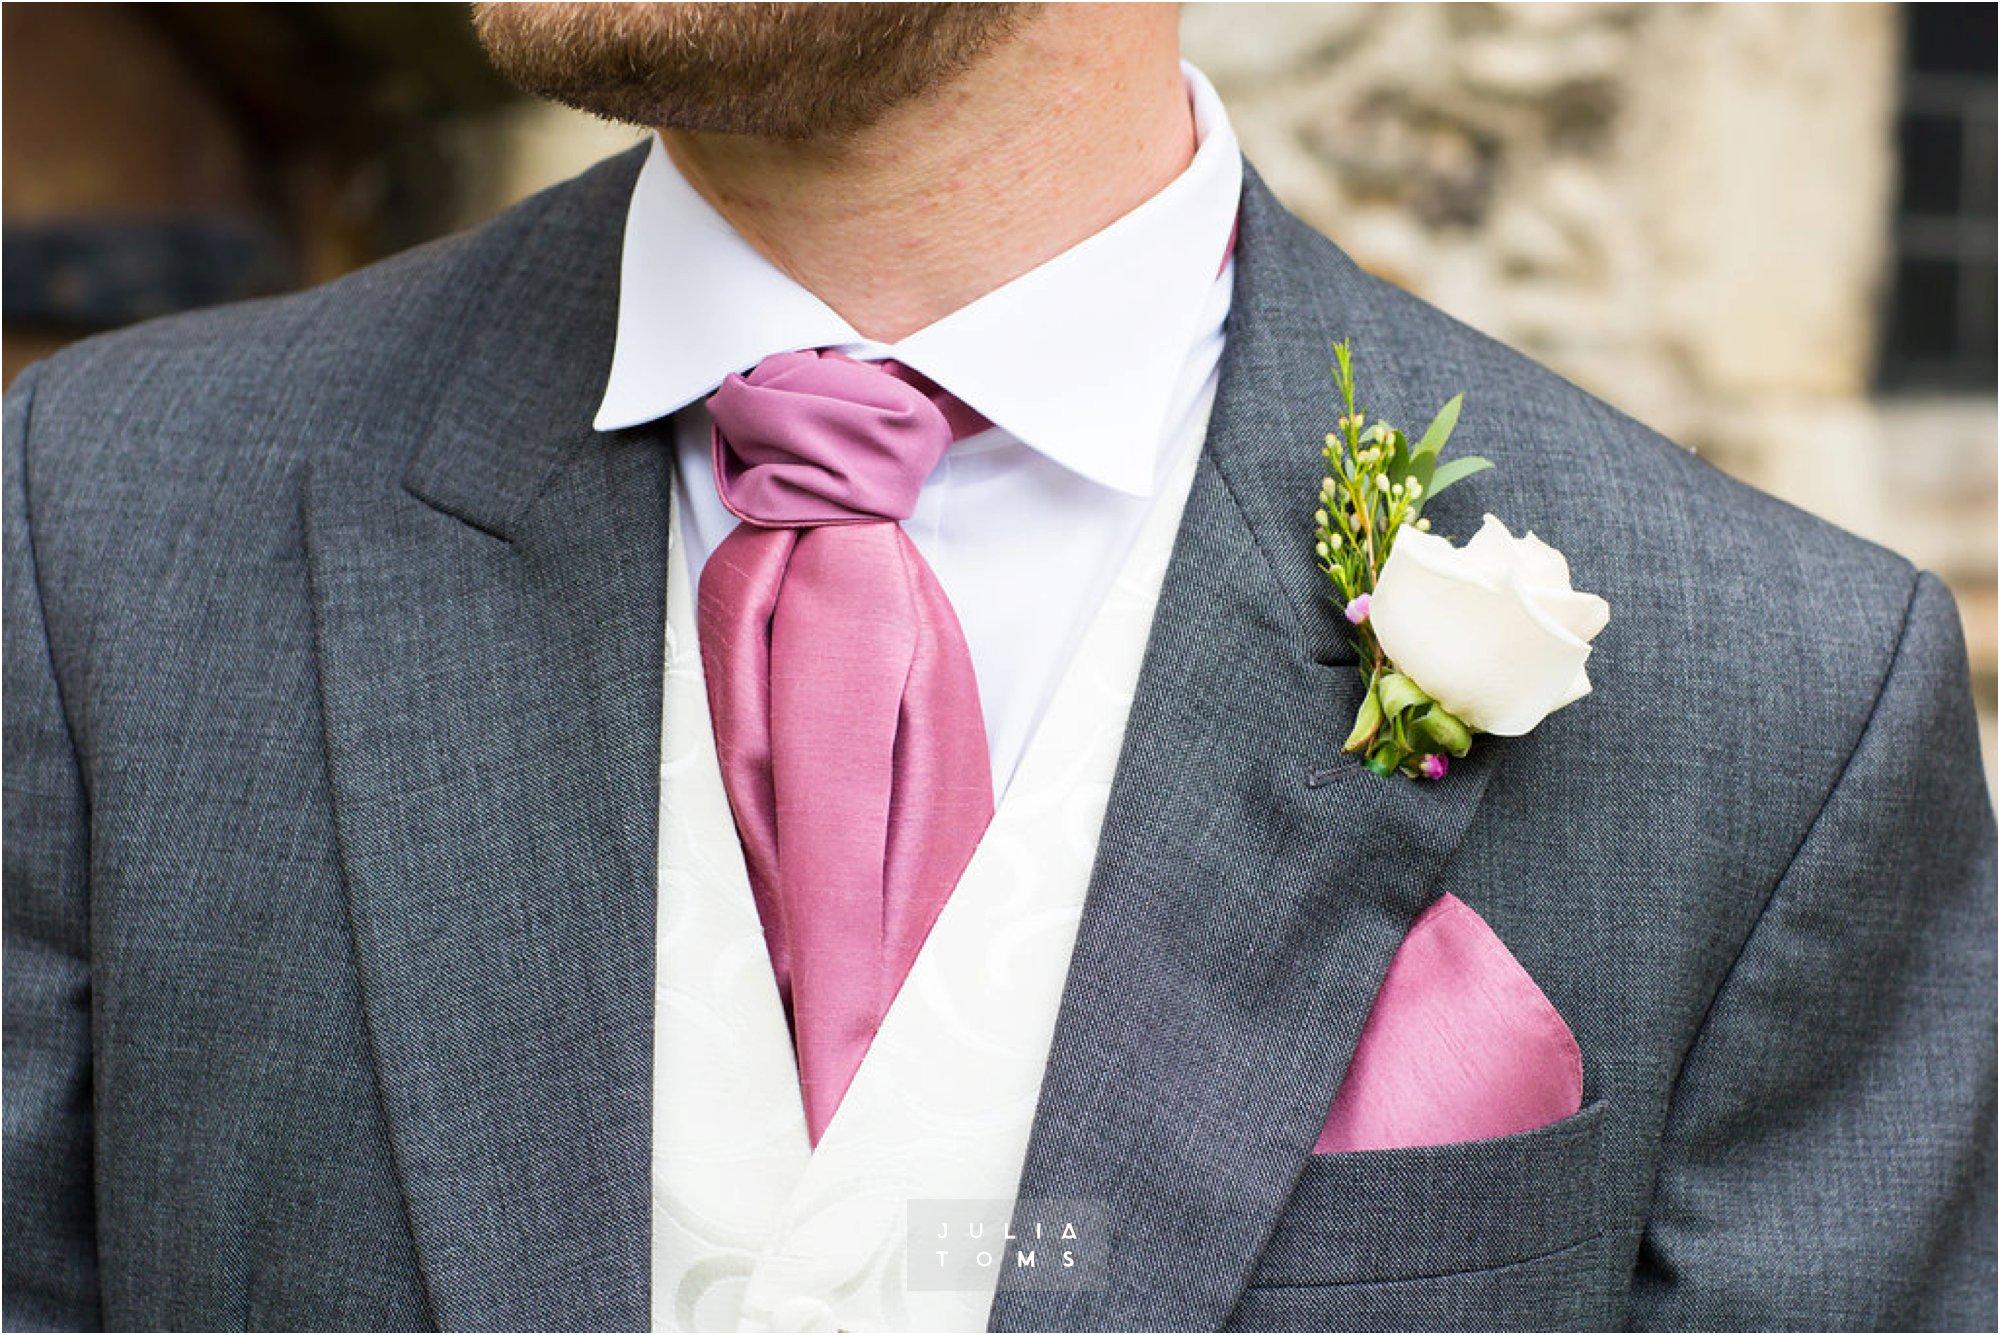 itchenor_wedding_chichester_photographer_017.jpg